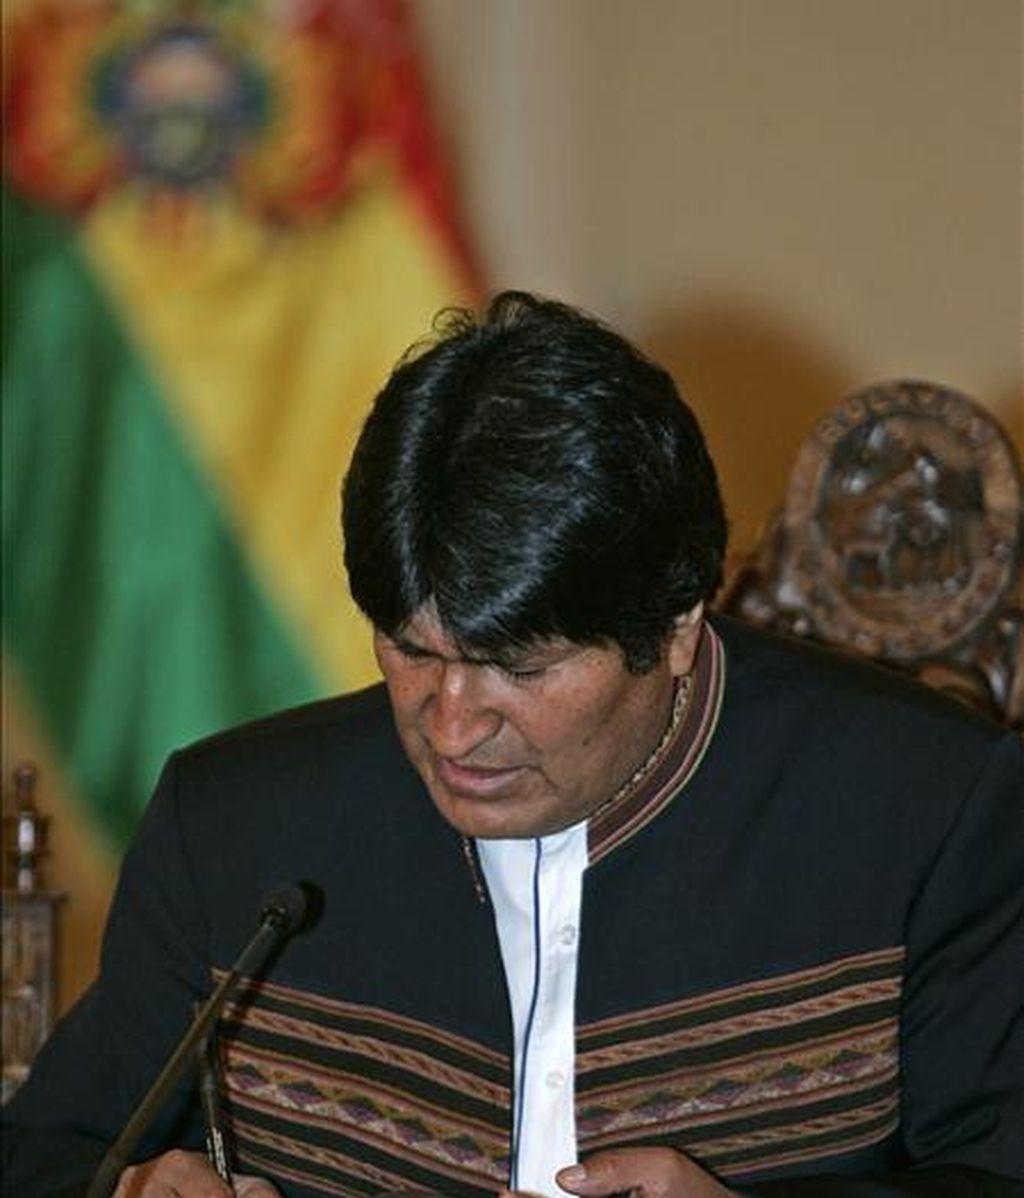 """El presidente de Bolivia, Evo Morales, entregó los proyectos a un representante del Parlamento boliviano e instó al Congreso que los apruebe lo antes posible para que su ejecución sea """"rápida"""". EFE"""